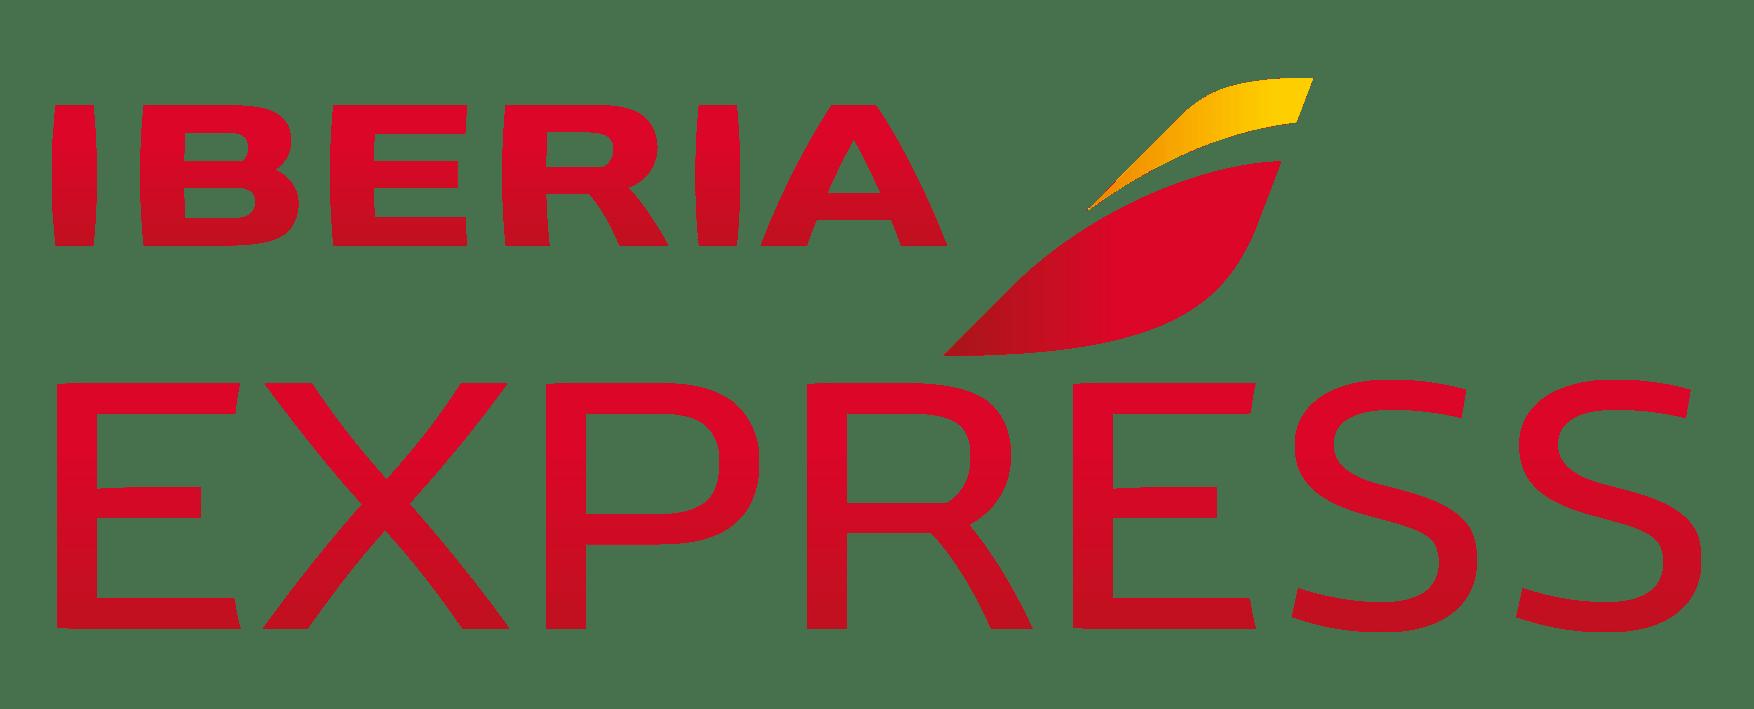 Resultado de imagen para iberia express logo